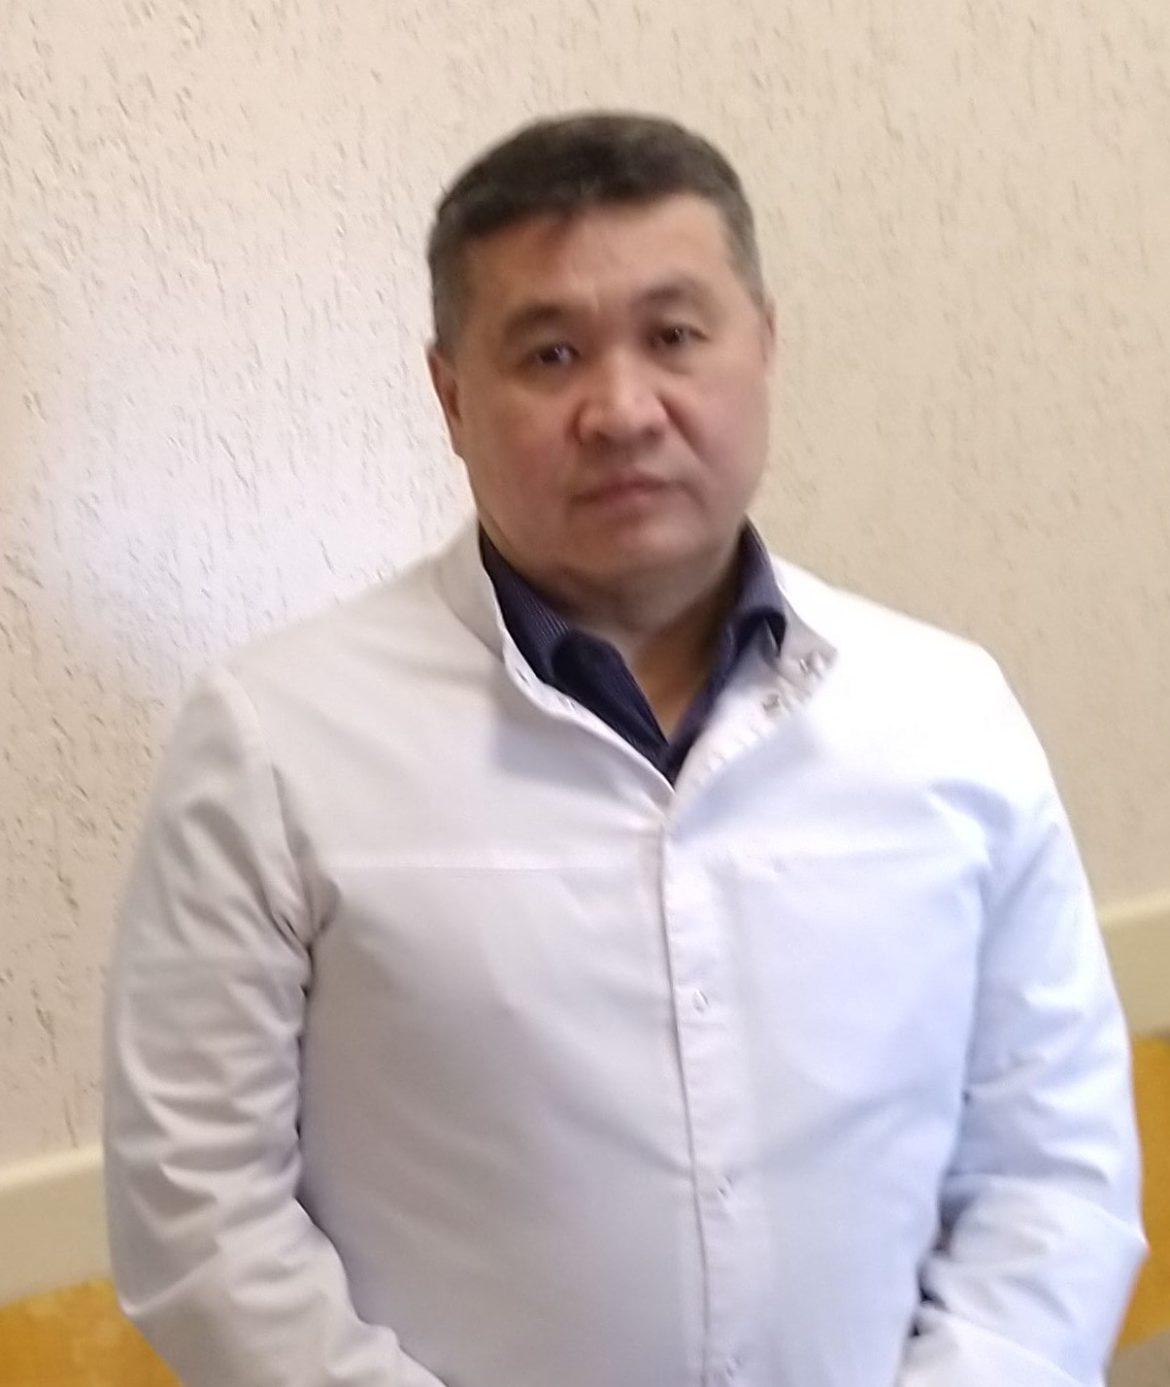 Зайнуллин Роберт Рамильевич